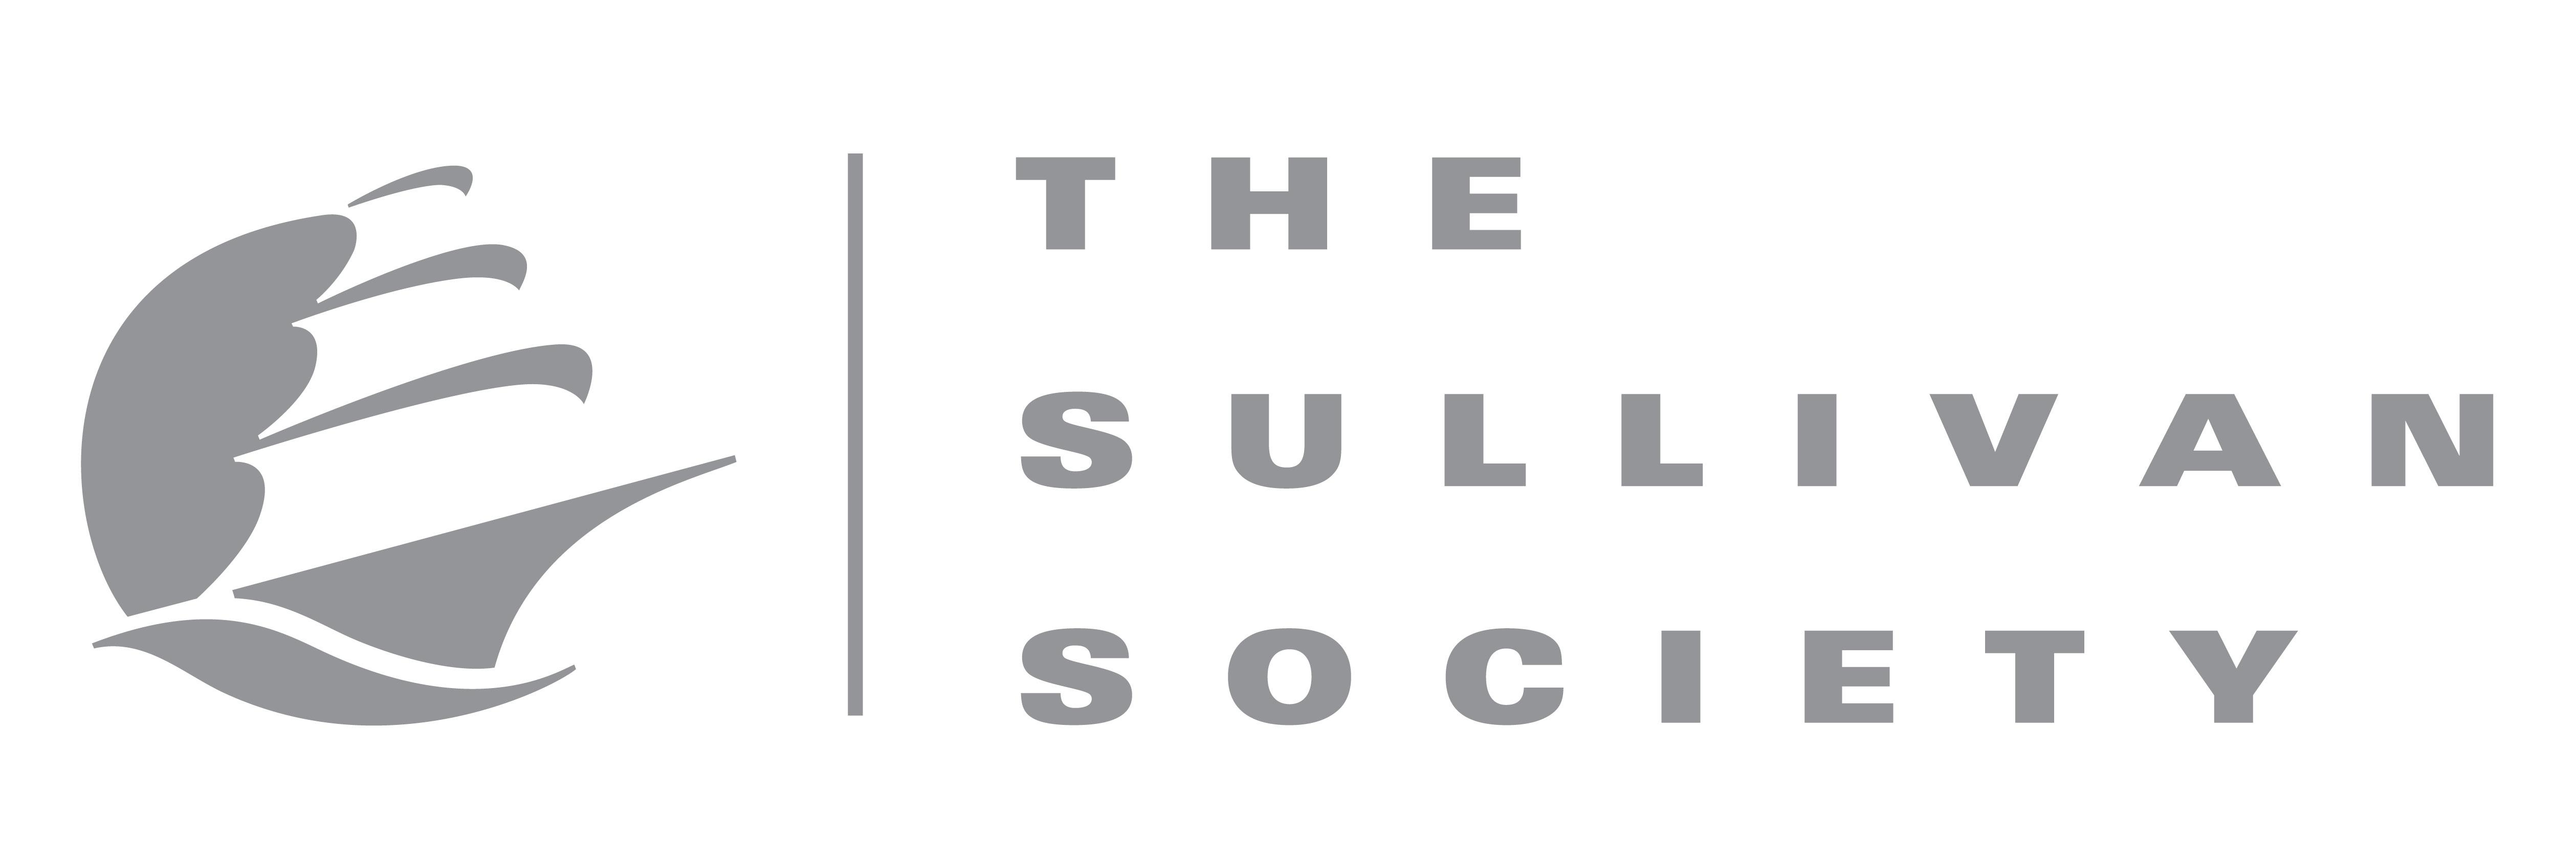 Sullivan Society